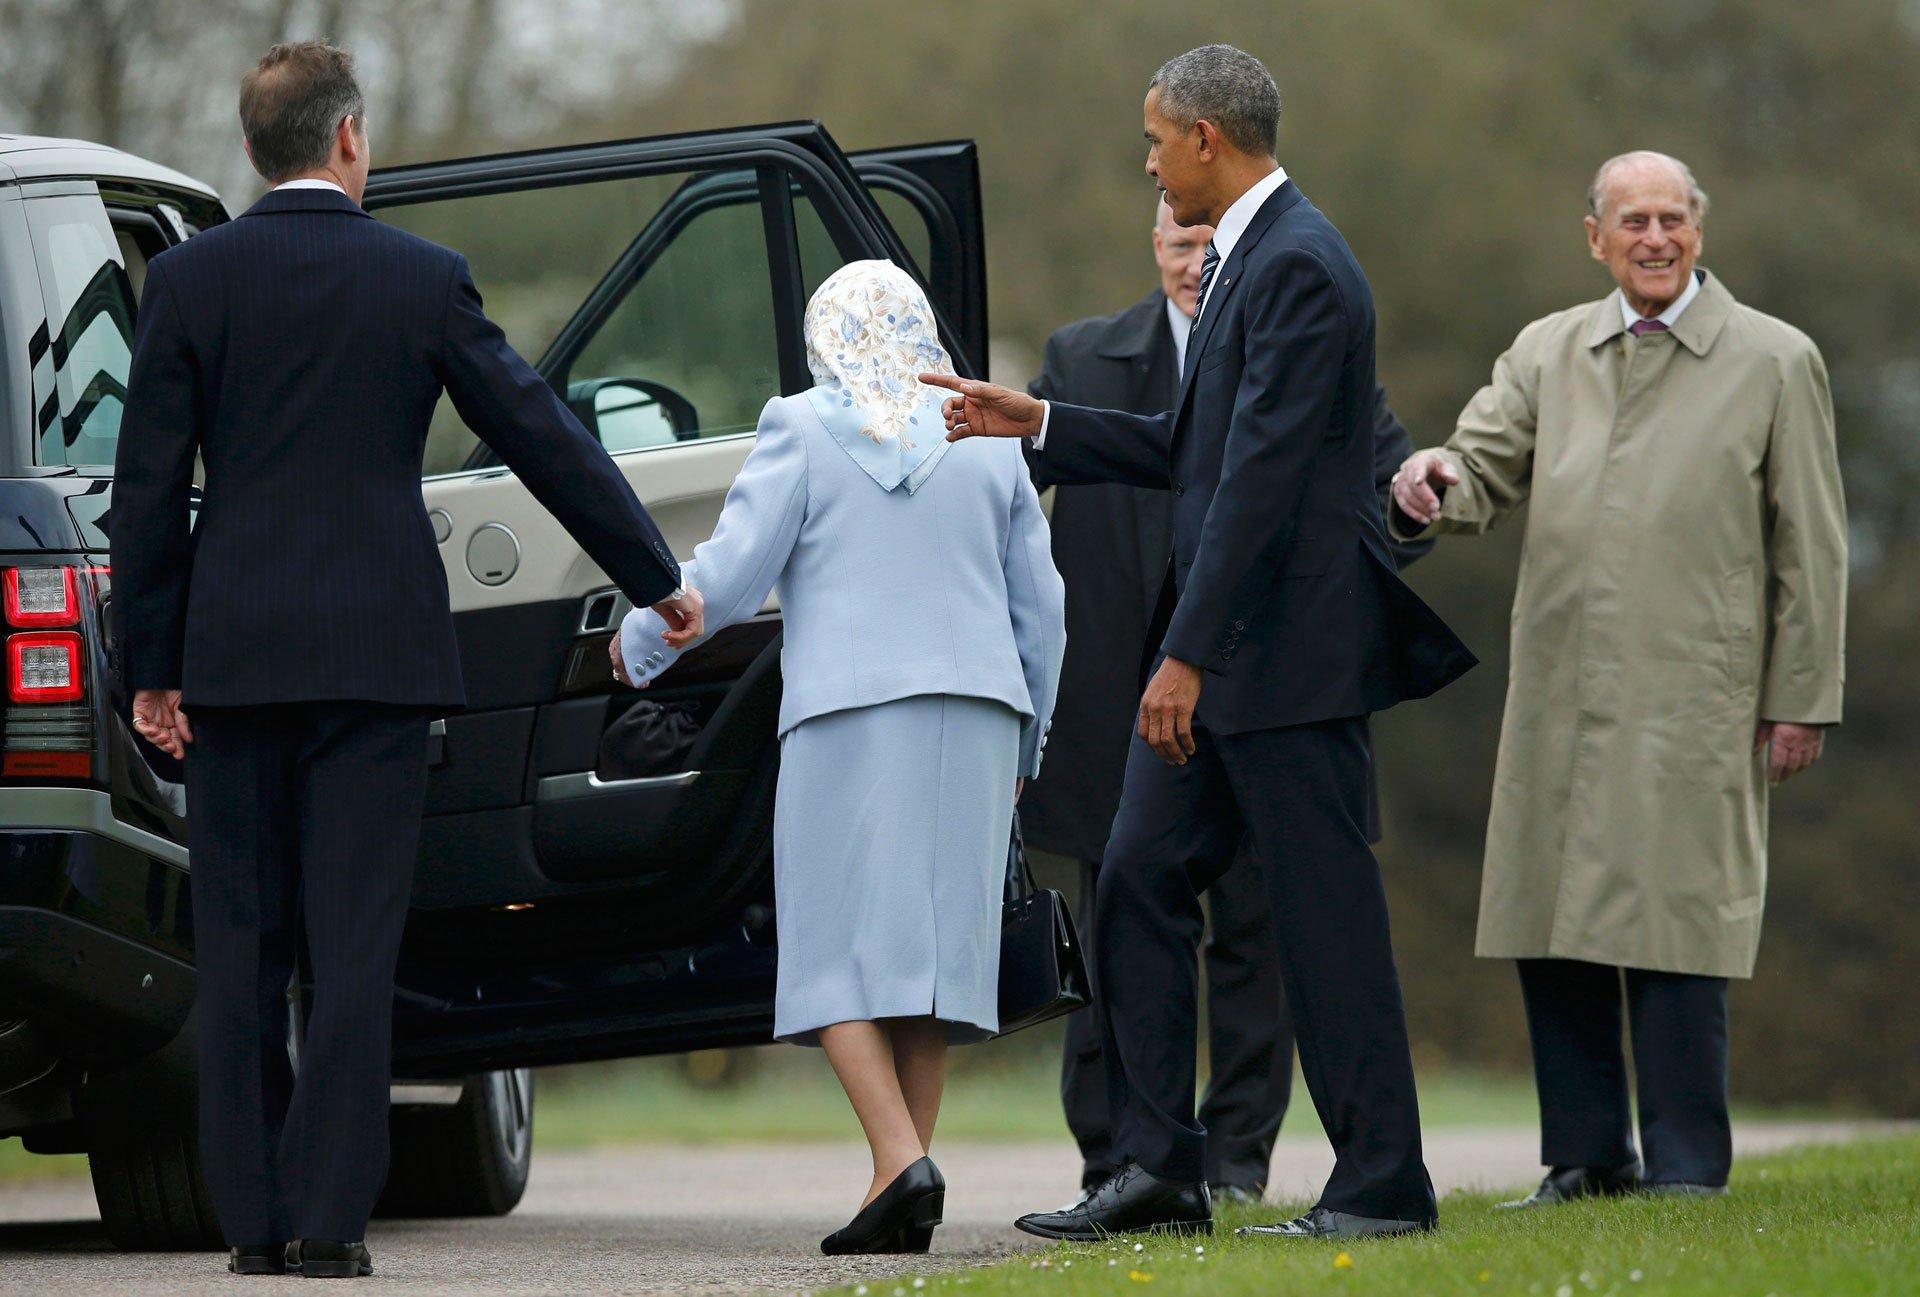 En su lugar, el sonriente Duque de Edimburgo invitó los Obama a subir a su auto particular para el trayecto hasta el interior del castillo